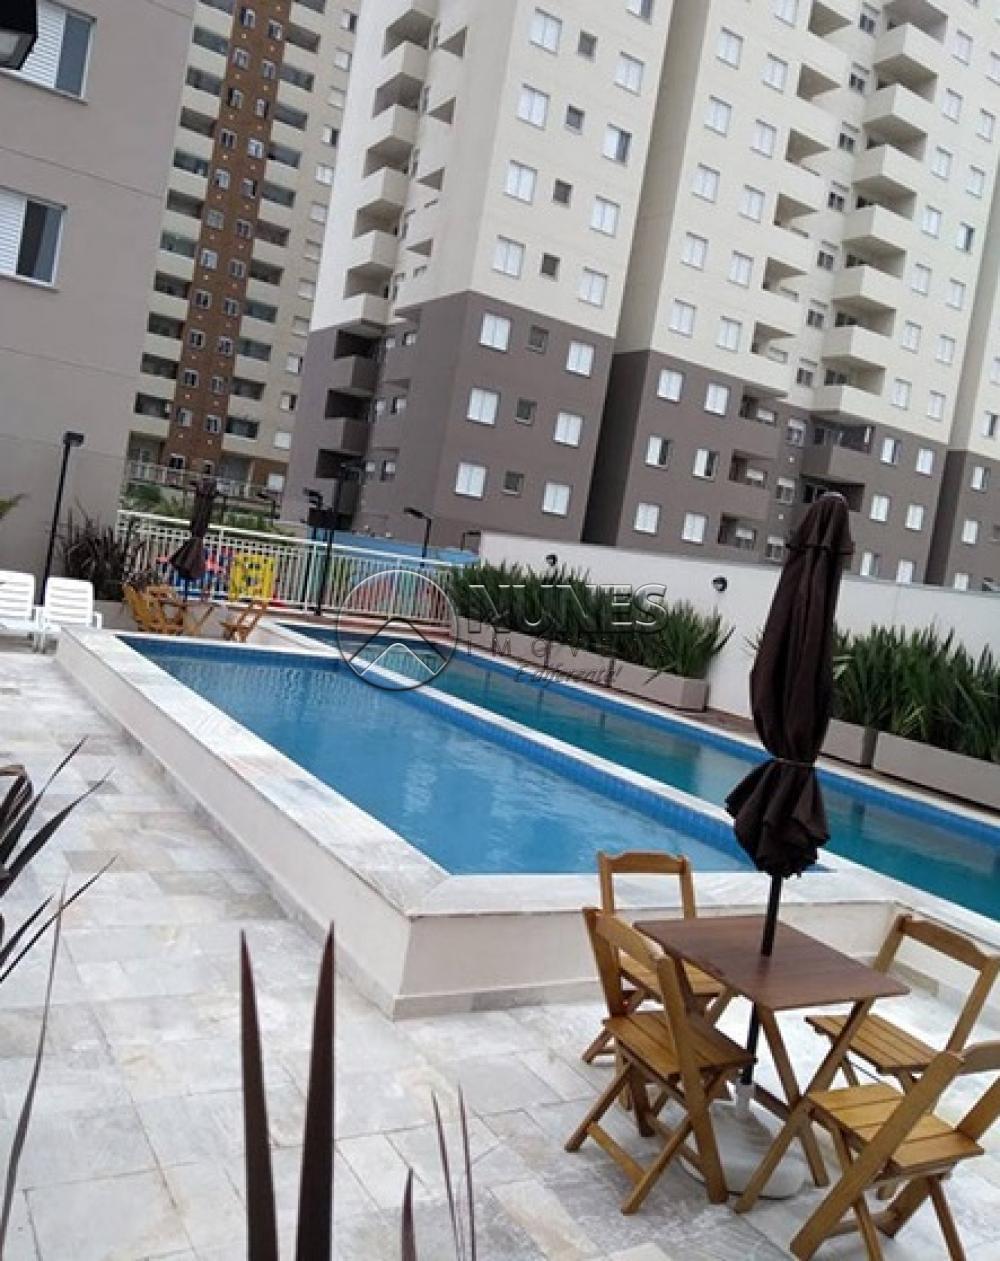 Comprar Apartamento / Padrão em Osasco apenas R$ 190.000,00 - Foto 12